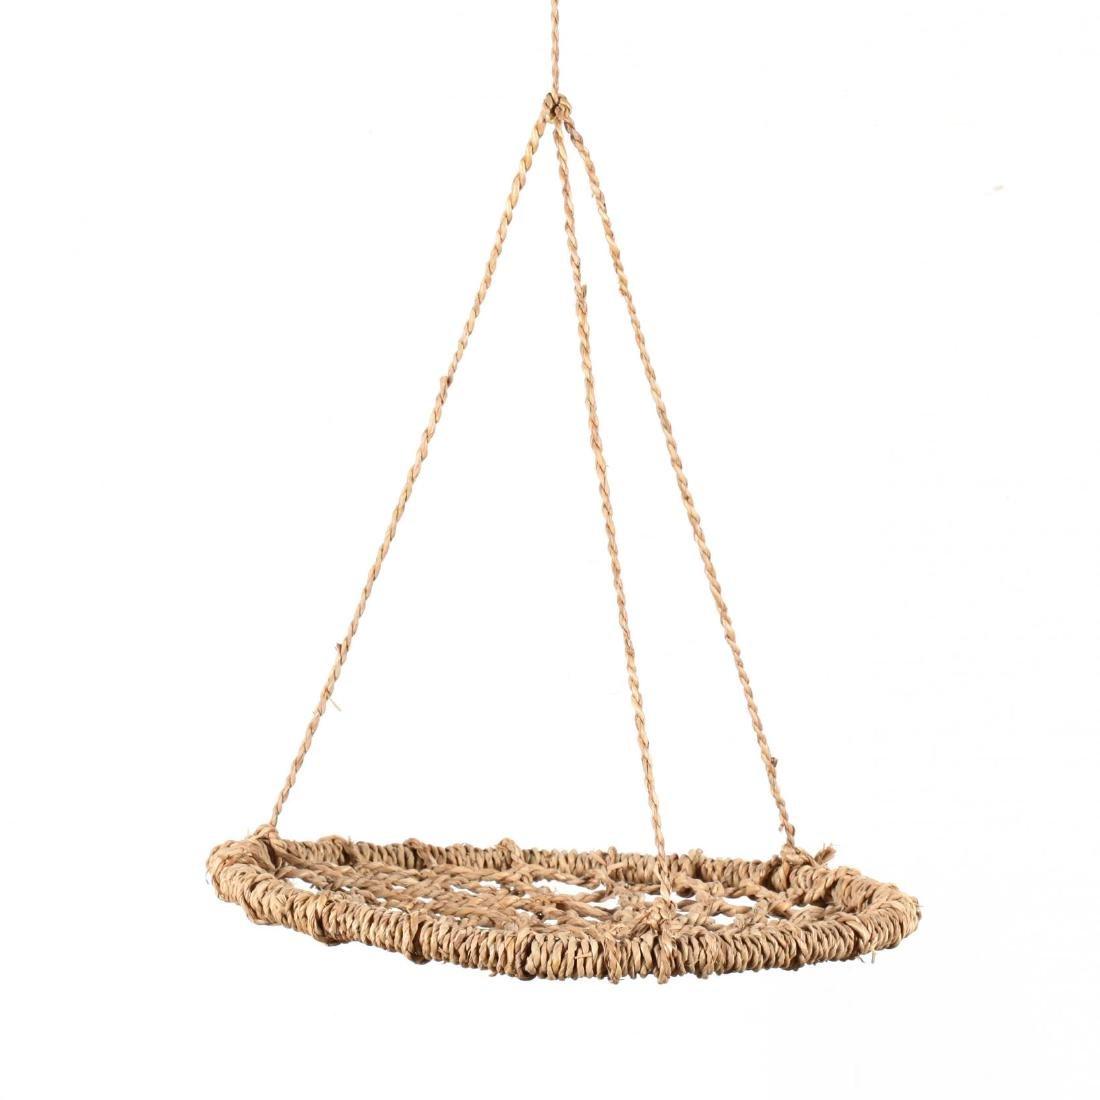 Hanging Fruit and Vegetable Basket